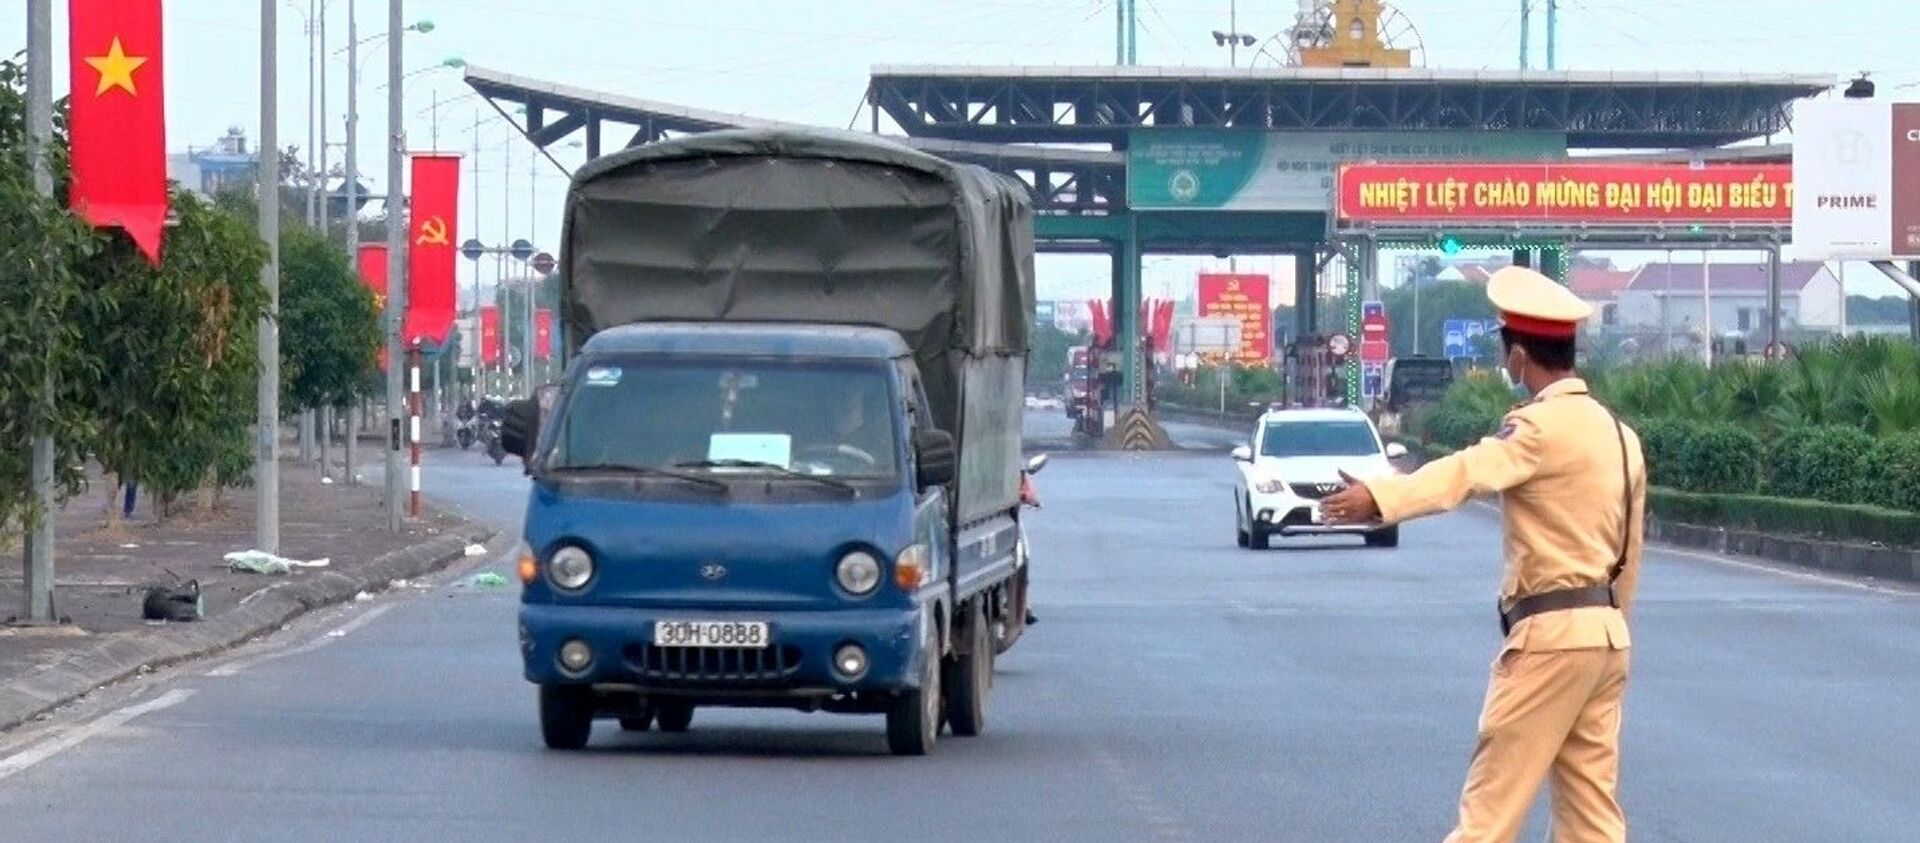 Lực lượng Cảnh sát giao thông Công an tỉnh Nam Định dừng xe kiểm tra các phương tiện trên Đại lộ Thiên Trường. - Sputnik Việt Nam, 1920, 02.04.2021